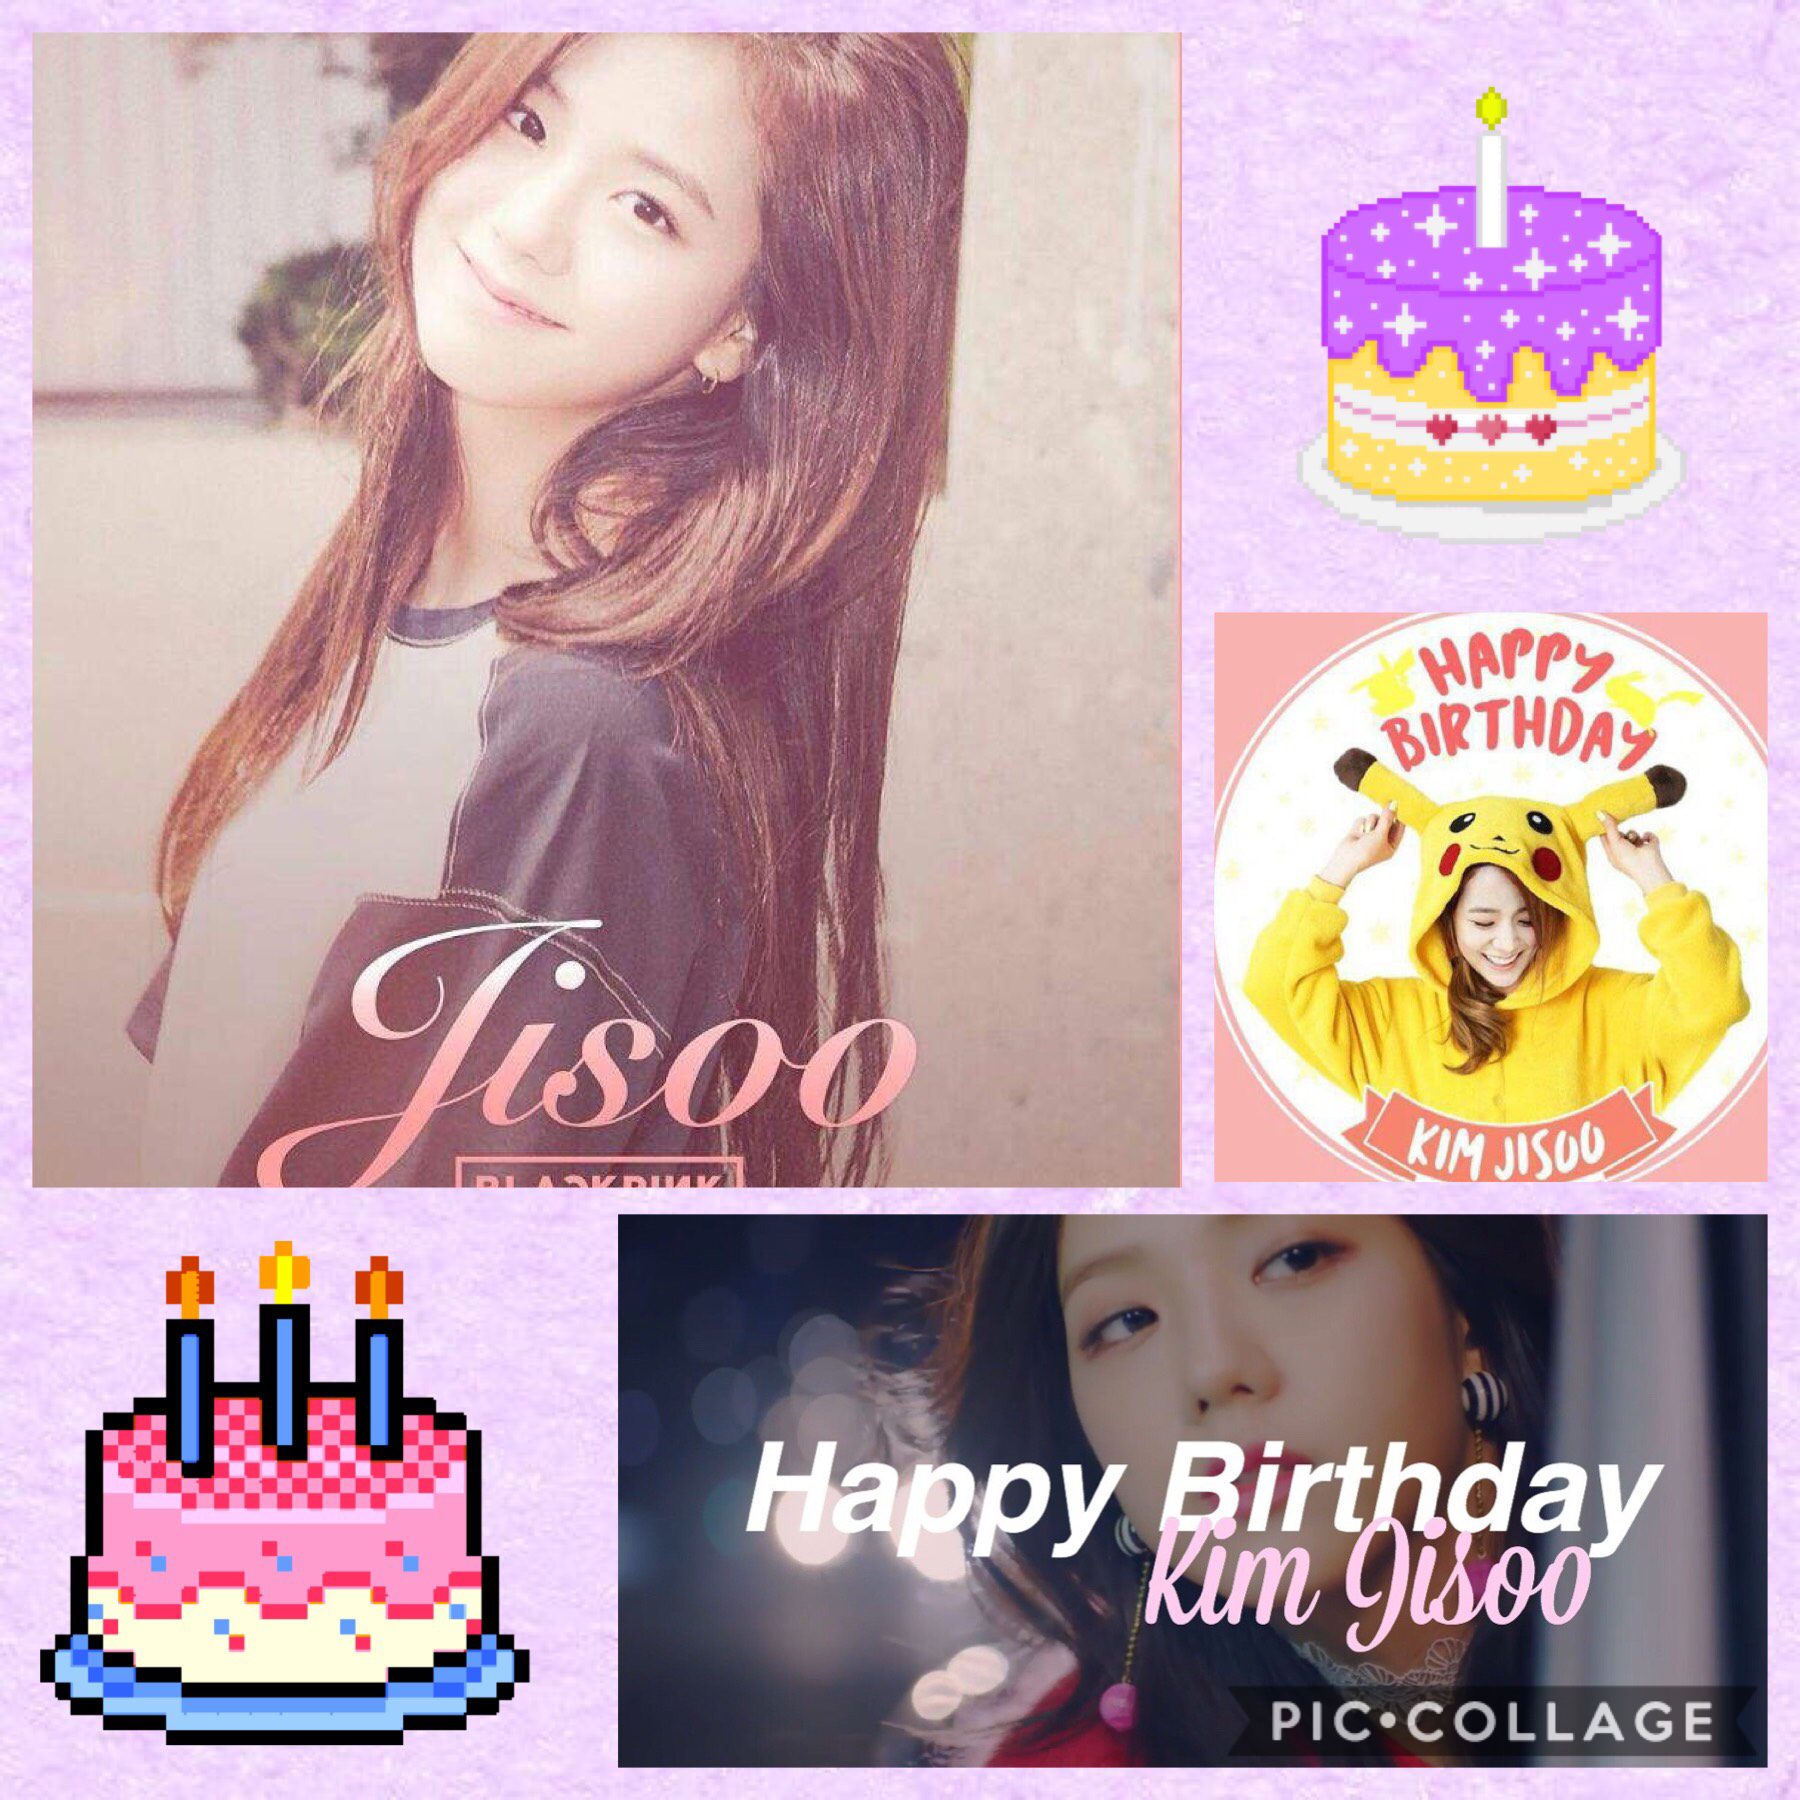 Like if you wish KIM JISOO happy birthday. Love ya Jisoo